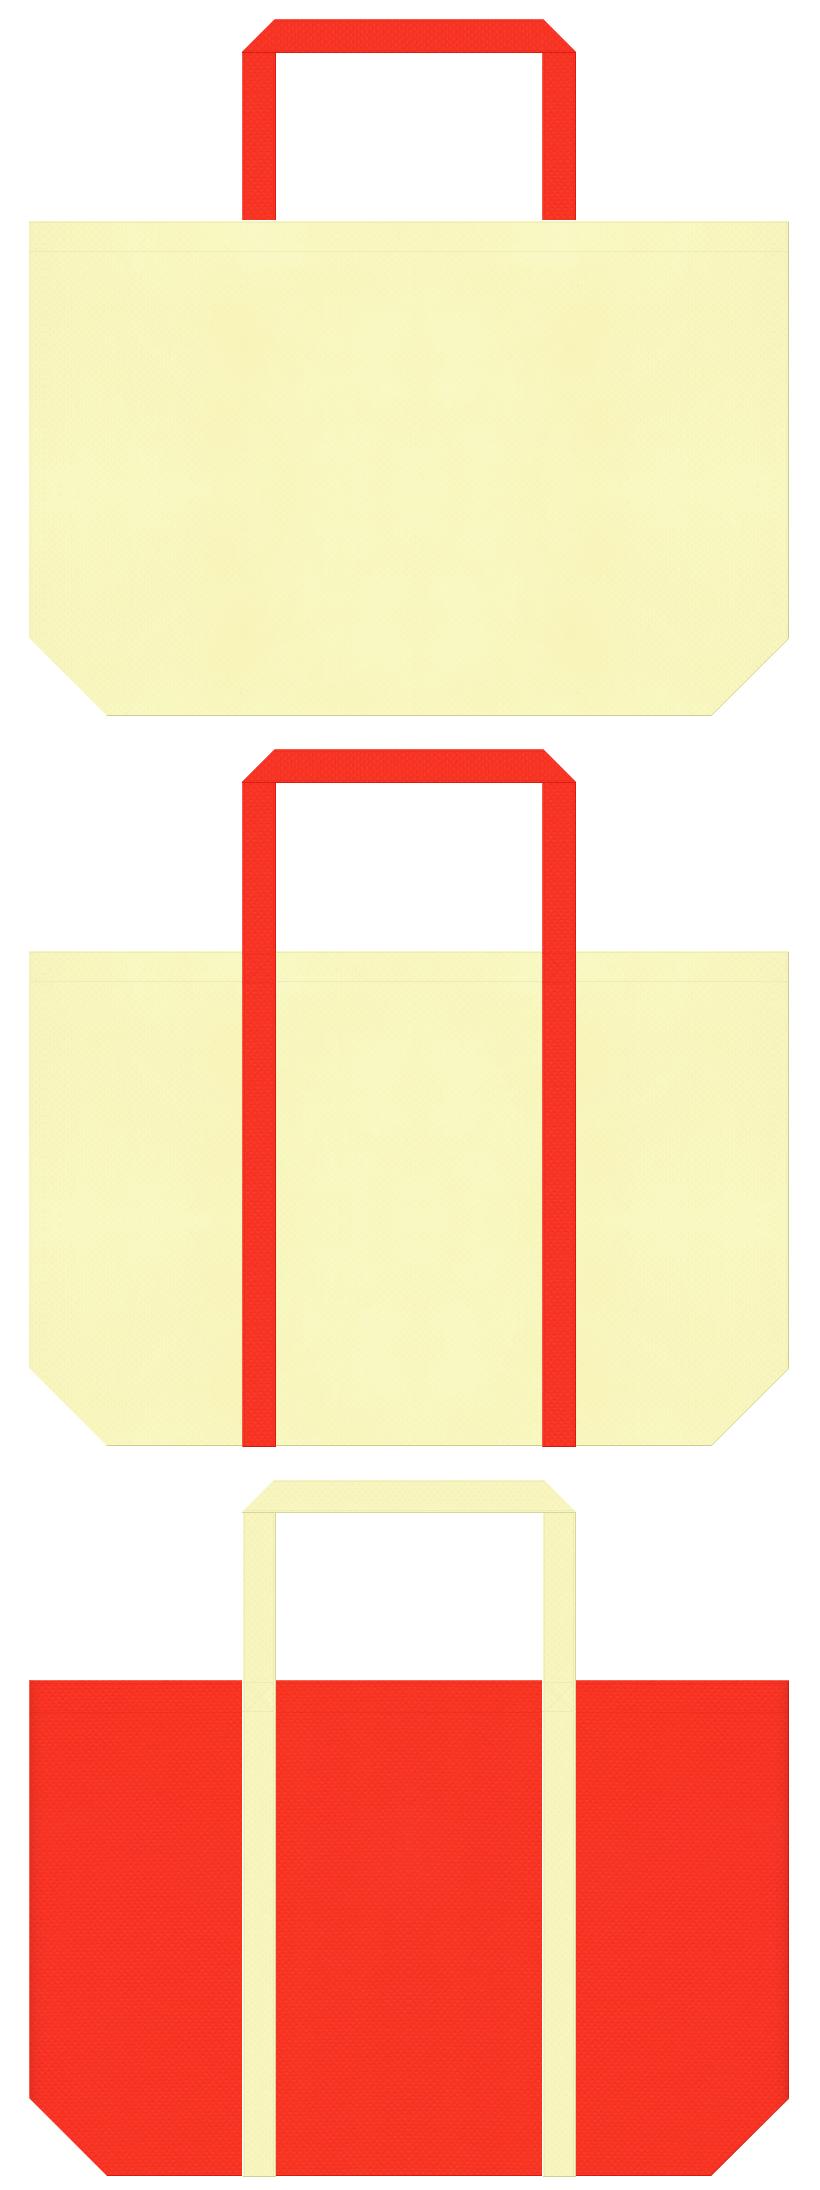 薄黄色とオレンジ色の不織布マイバッグデザイン。ランチバッグ・保冷バッグにお奨めです。